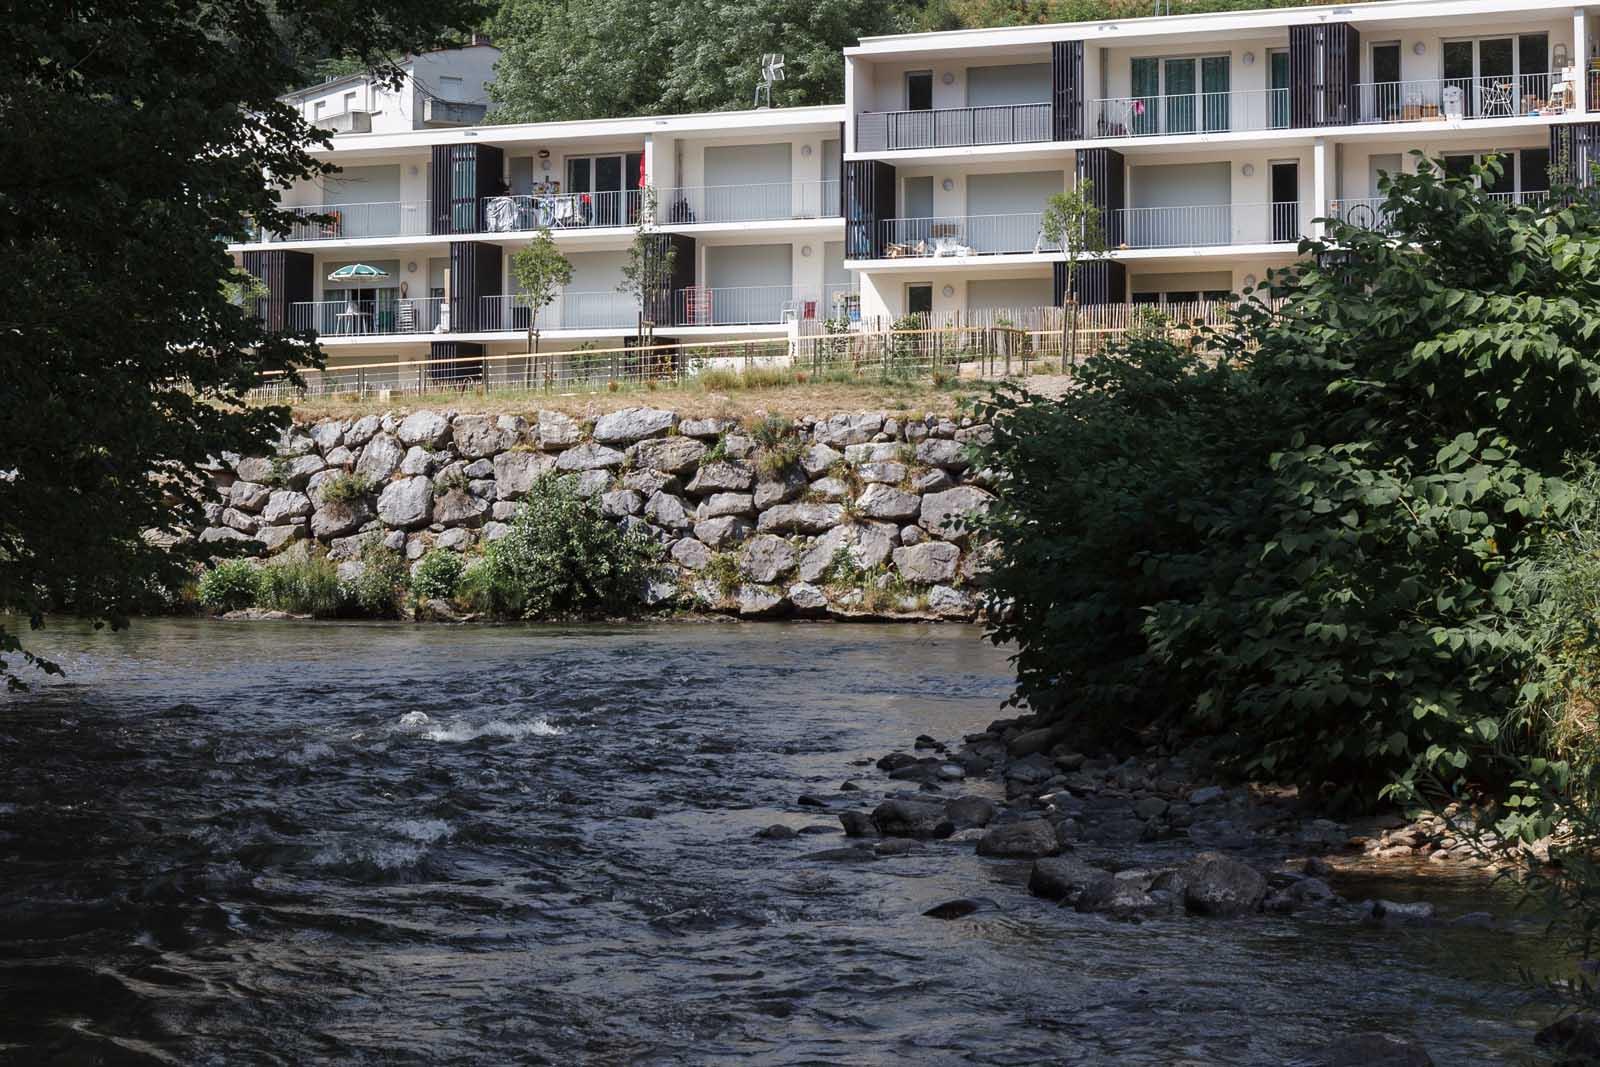 Visuel-photographie-3D-infographie-architecture-paysage-riviere